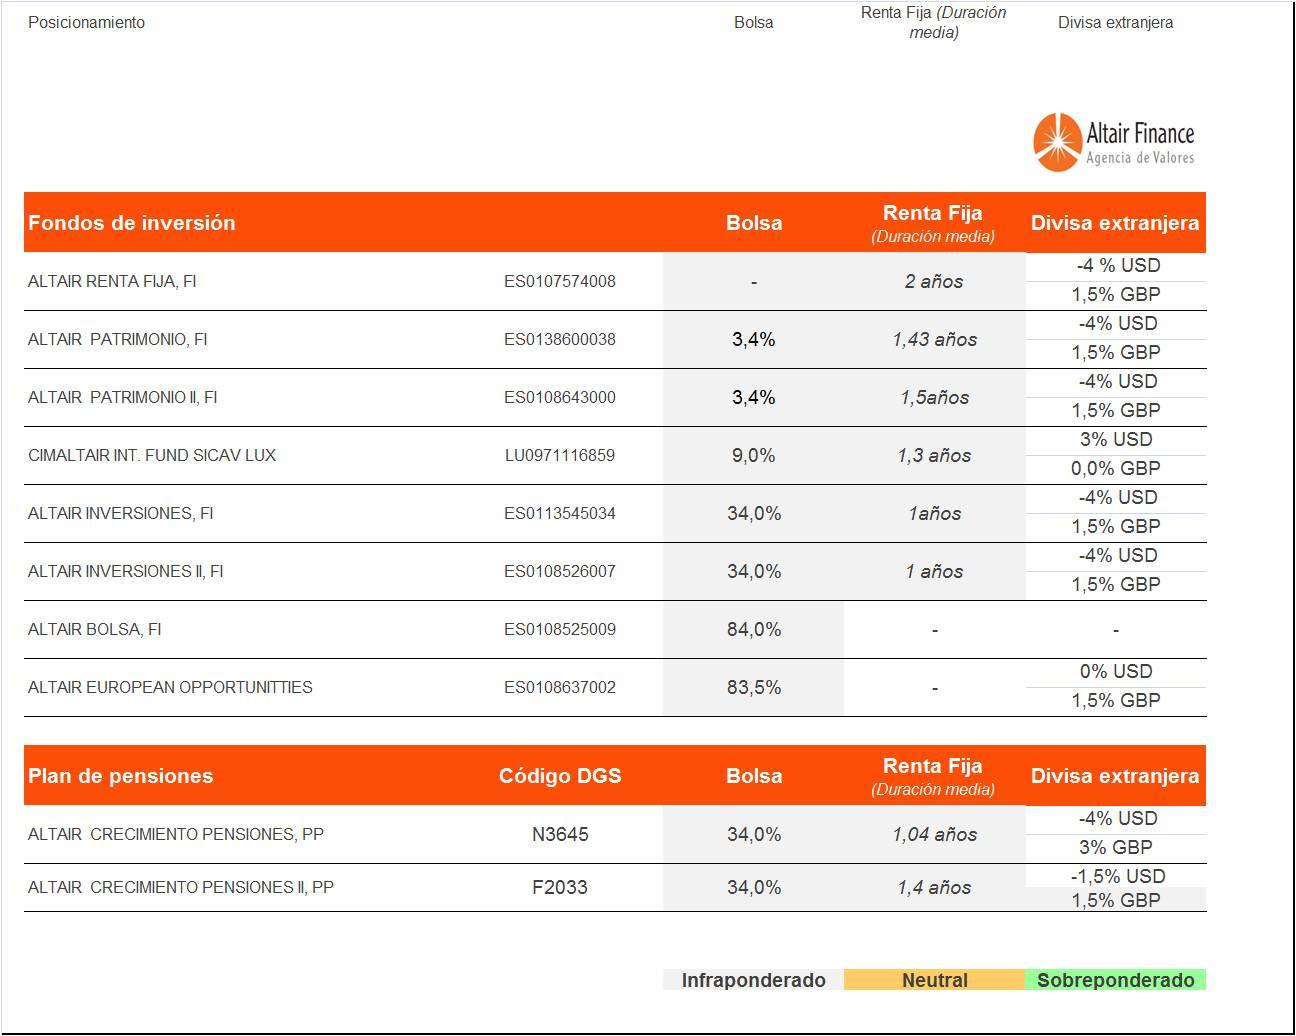 posicionamiento-de-los-fondos-asesorados-por-Altair-Finance-a-8-de-diciembre-2016